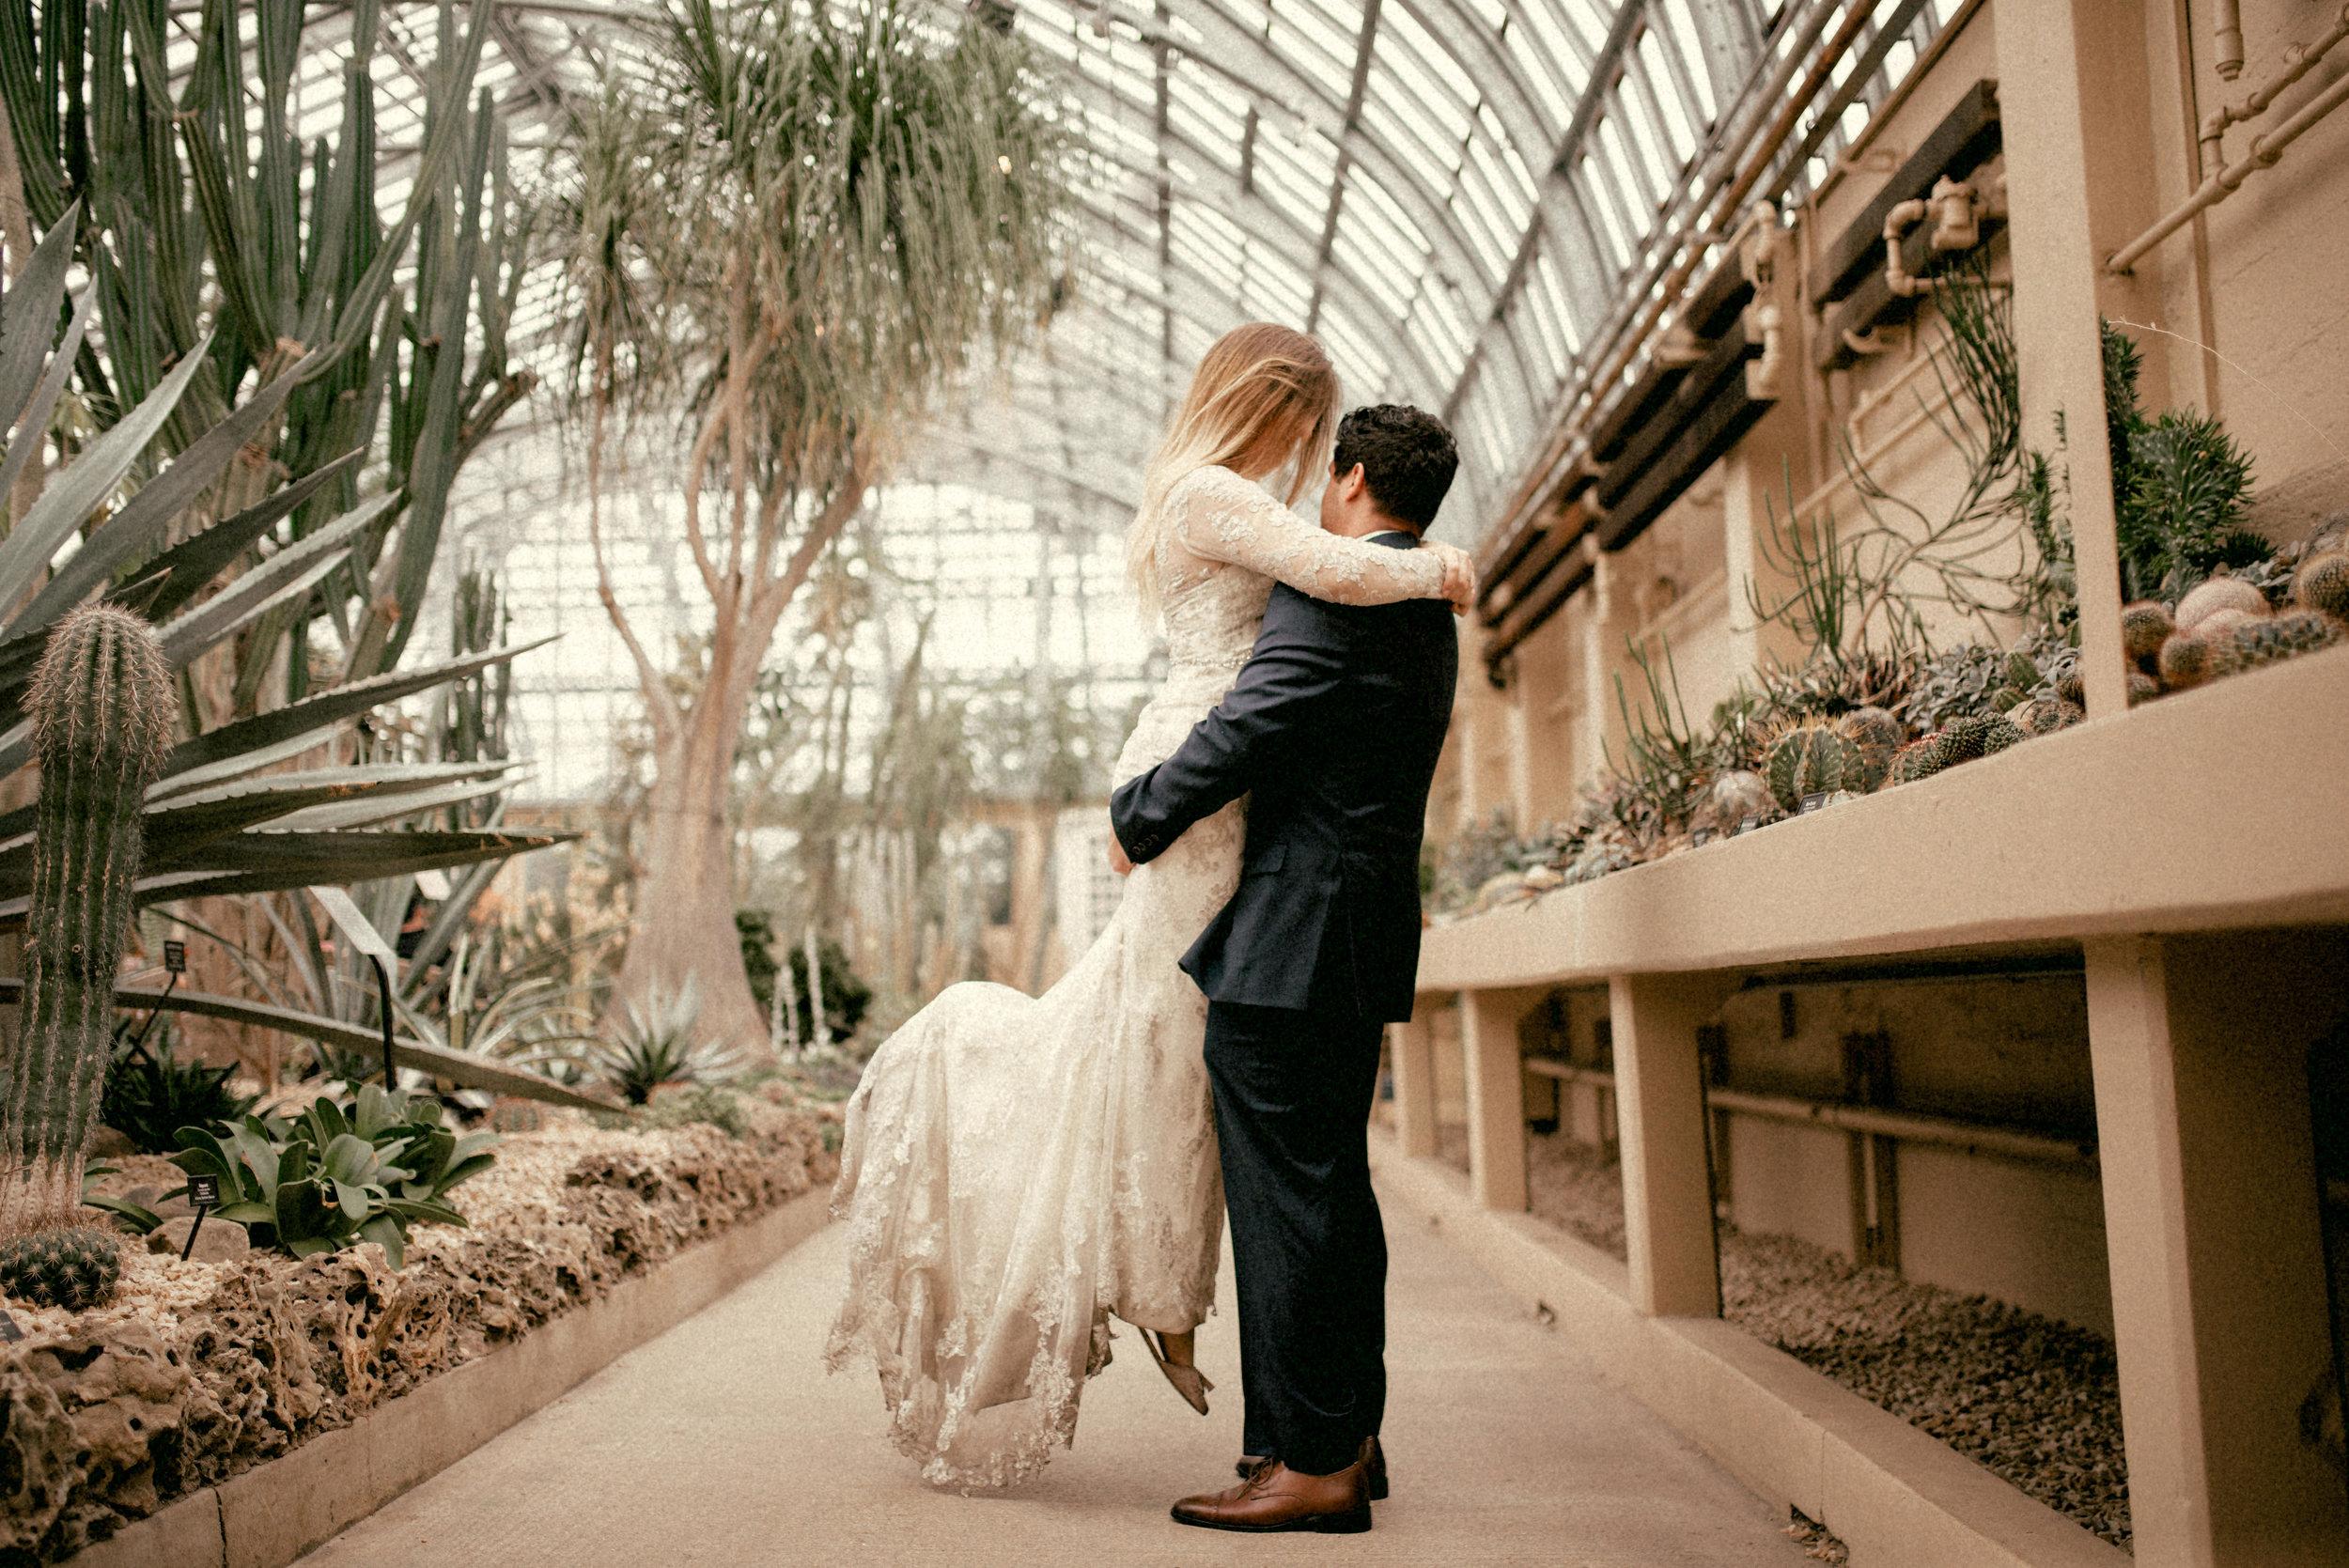 garfield park conservatory chicago wedding 32